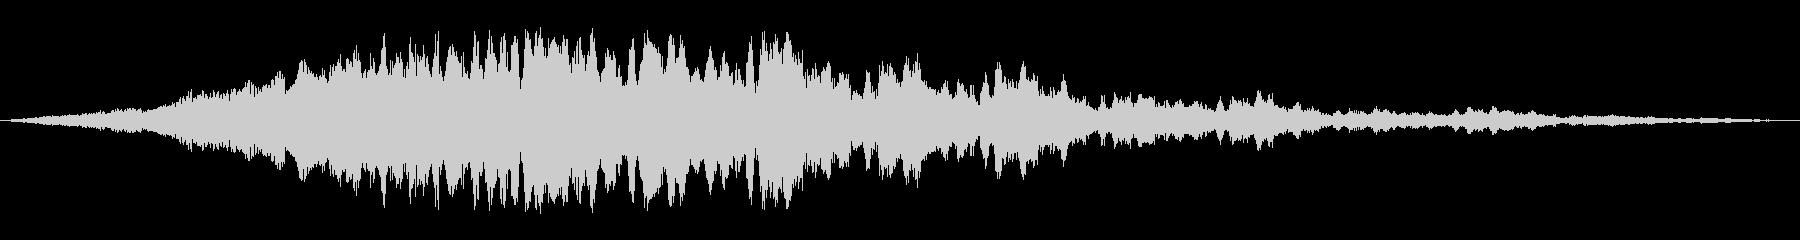 軌道パルスの未再生の波形